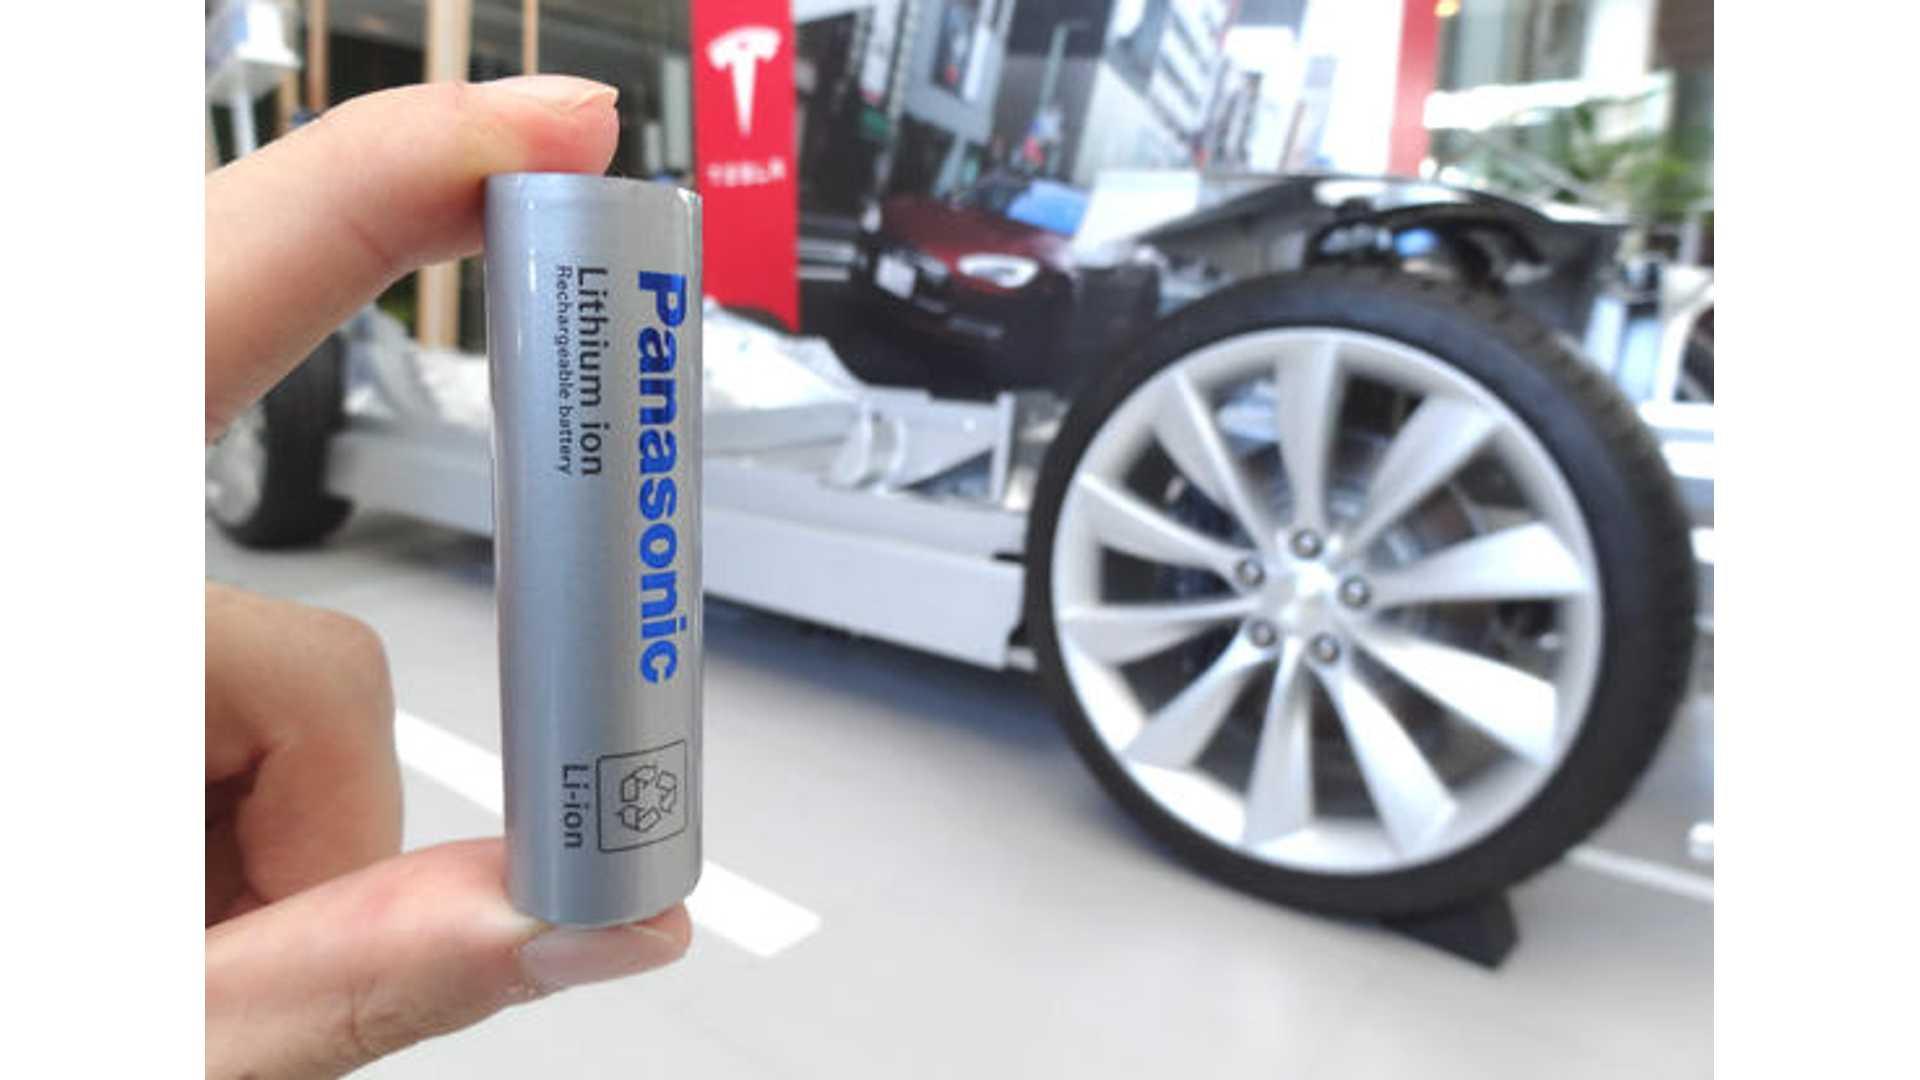 松下计划将特斯拉电池能量密度提升20% 2-3年商业化无钴电池